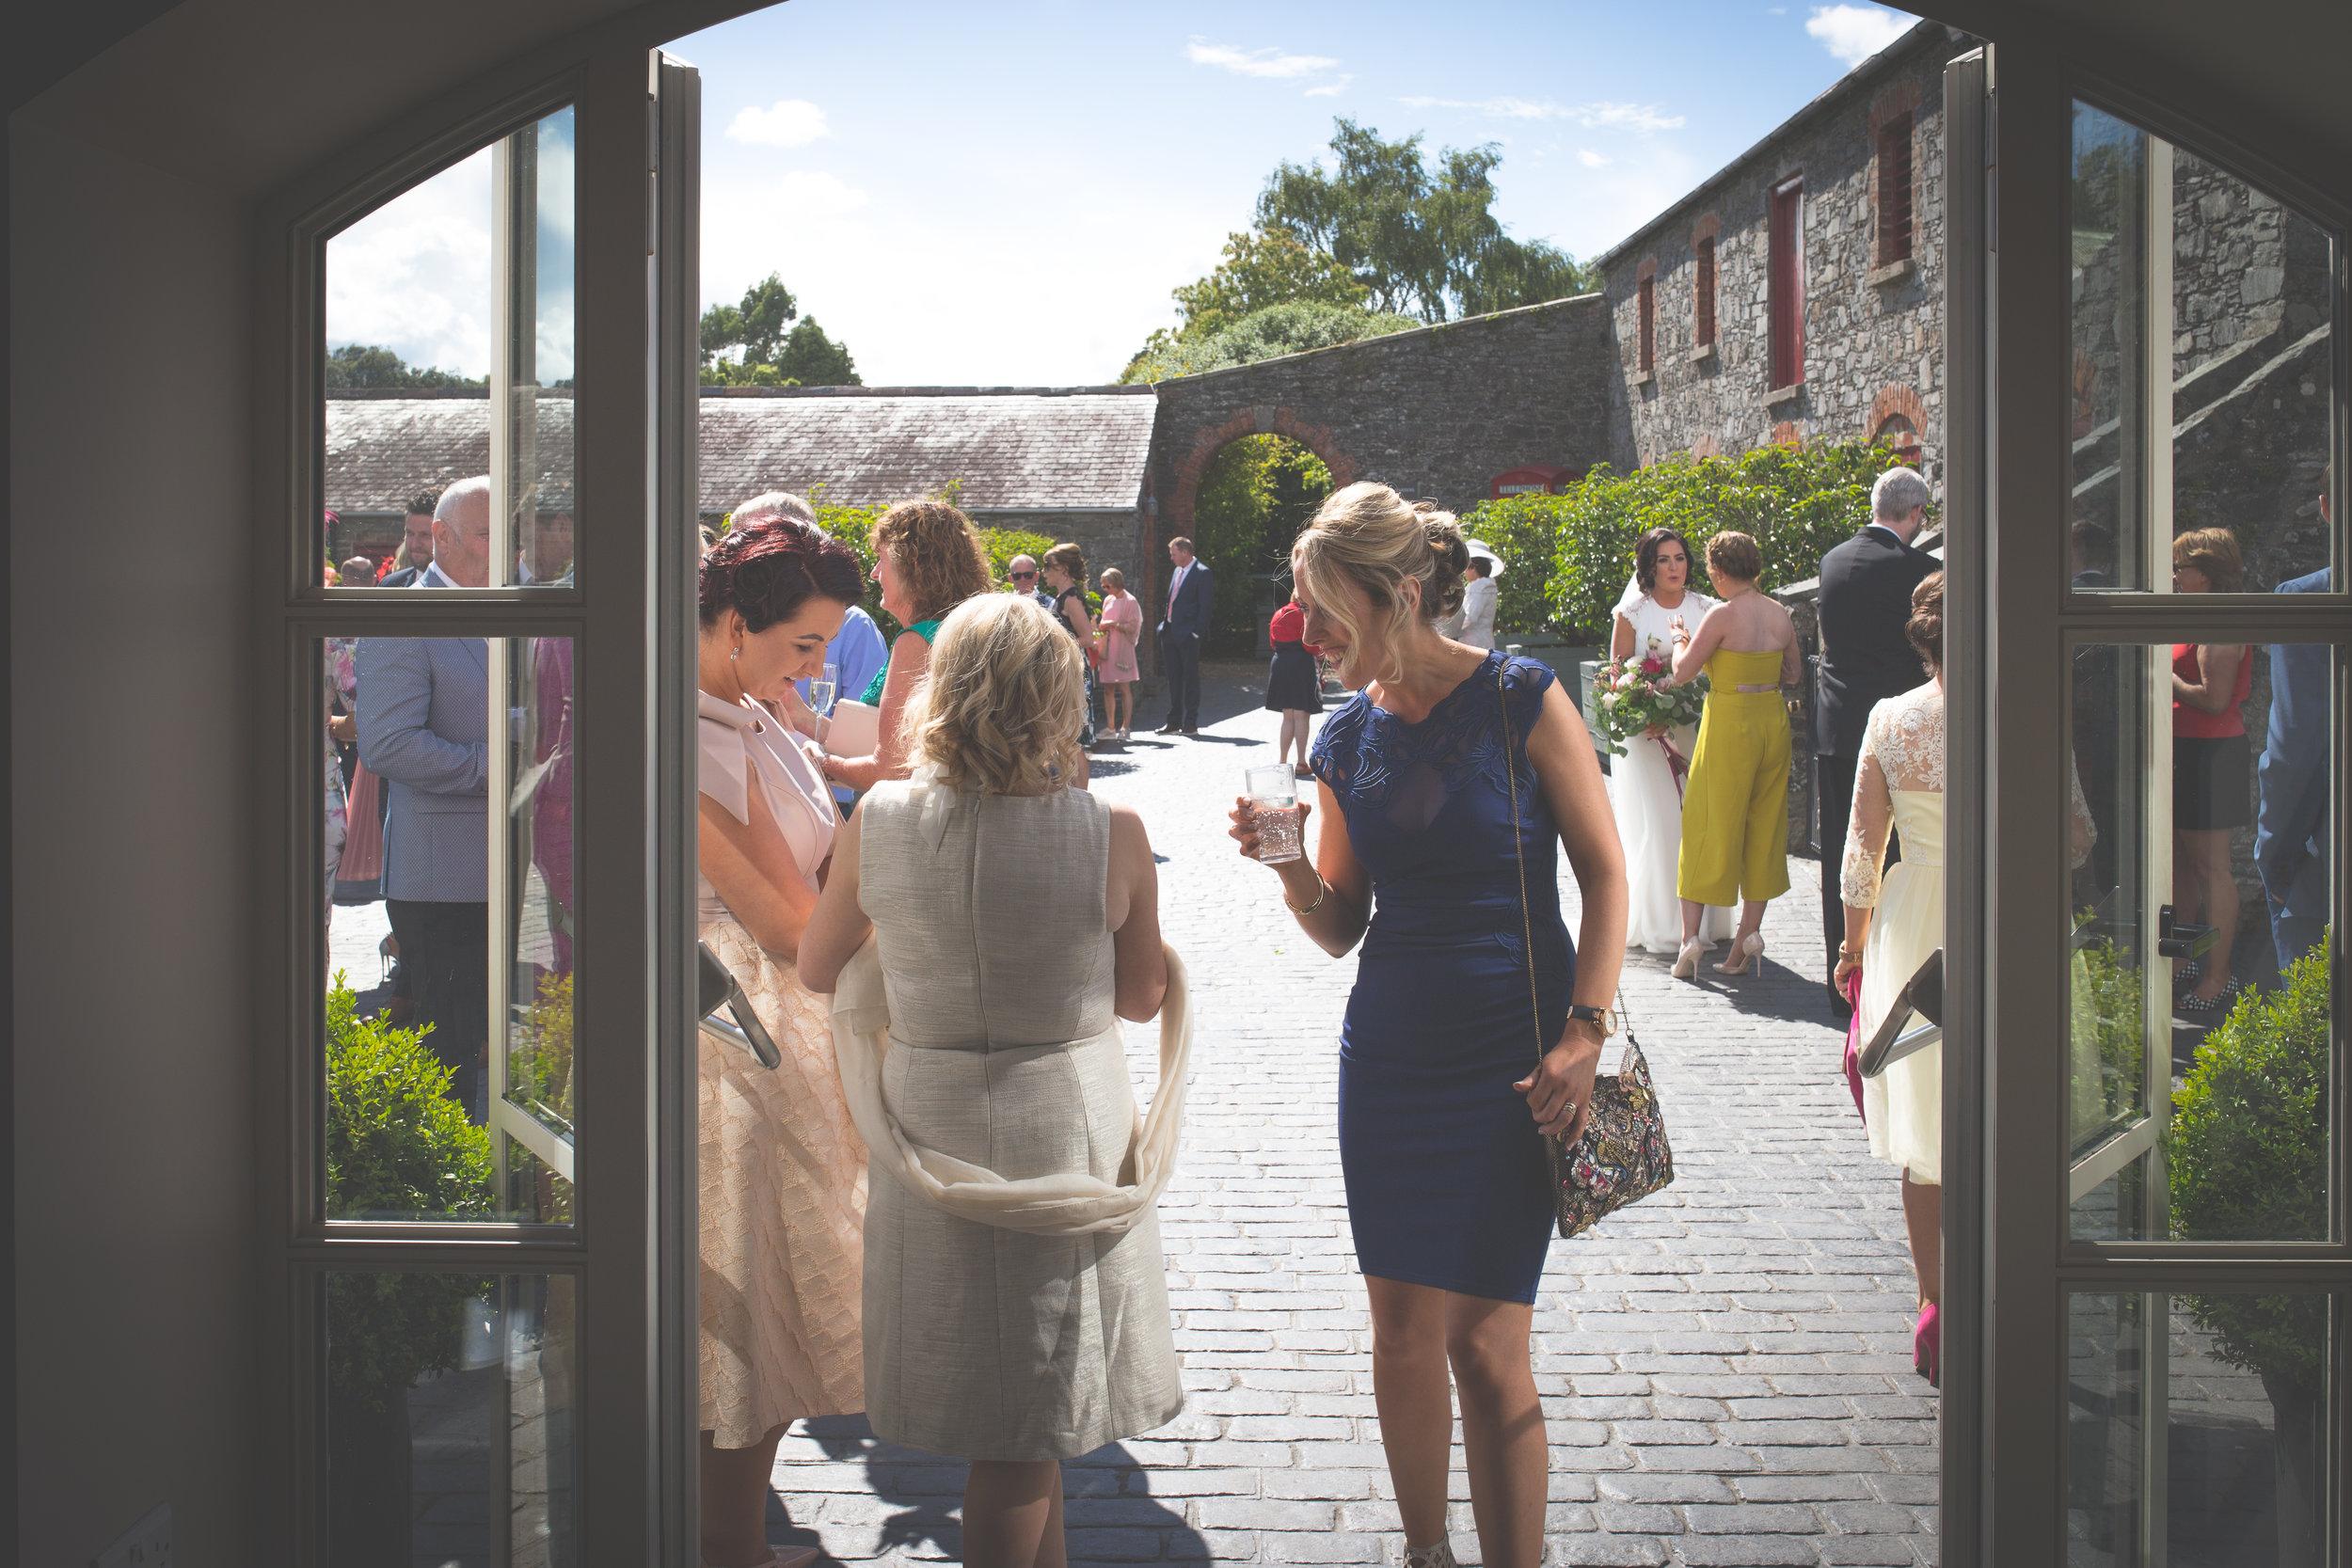 Brian McEwan Wedding Photography | Carol-Anne & Sean | The Speeches-11.jpg